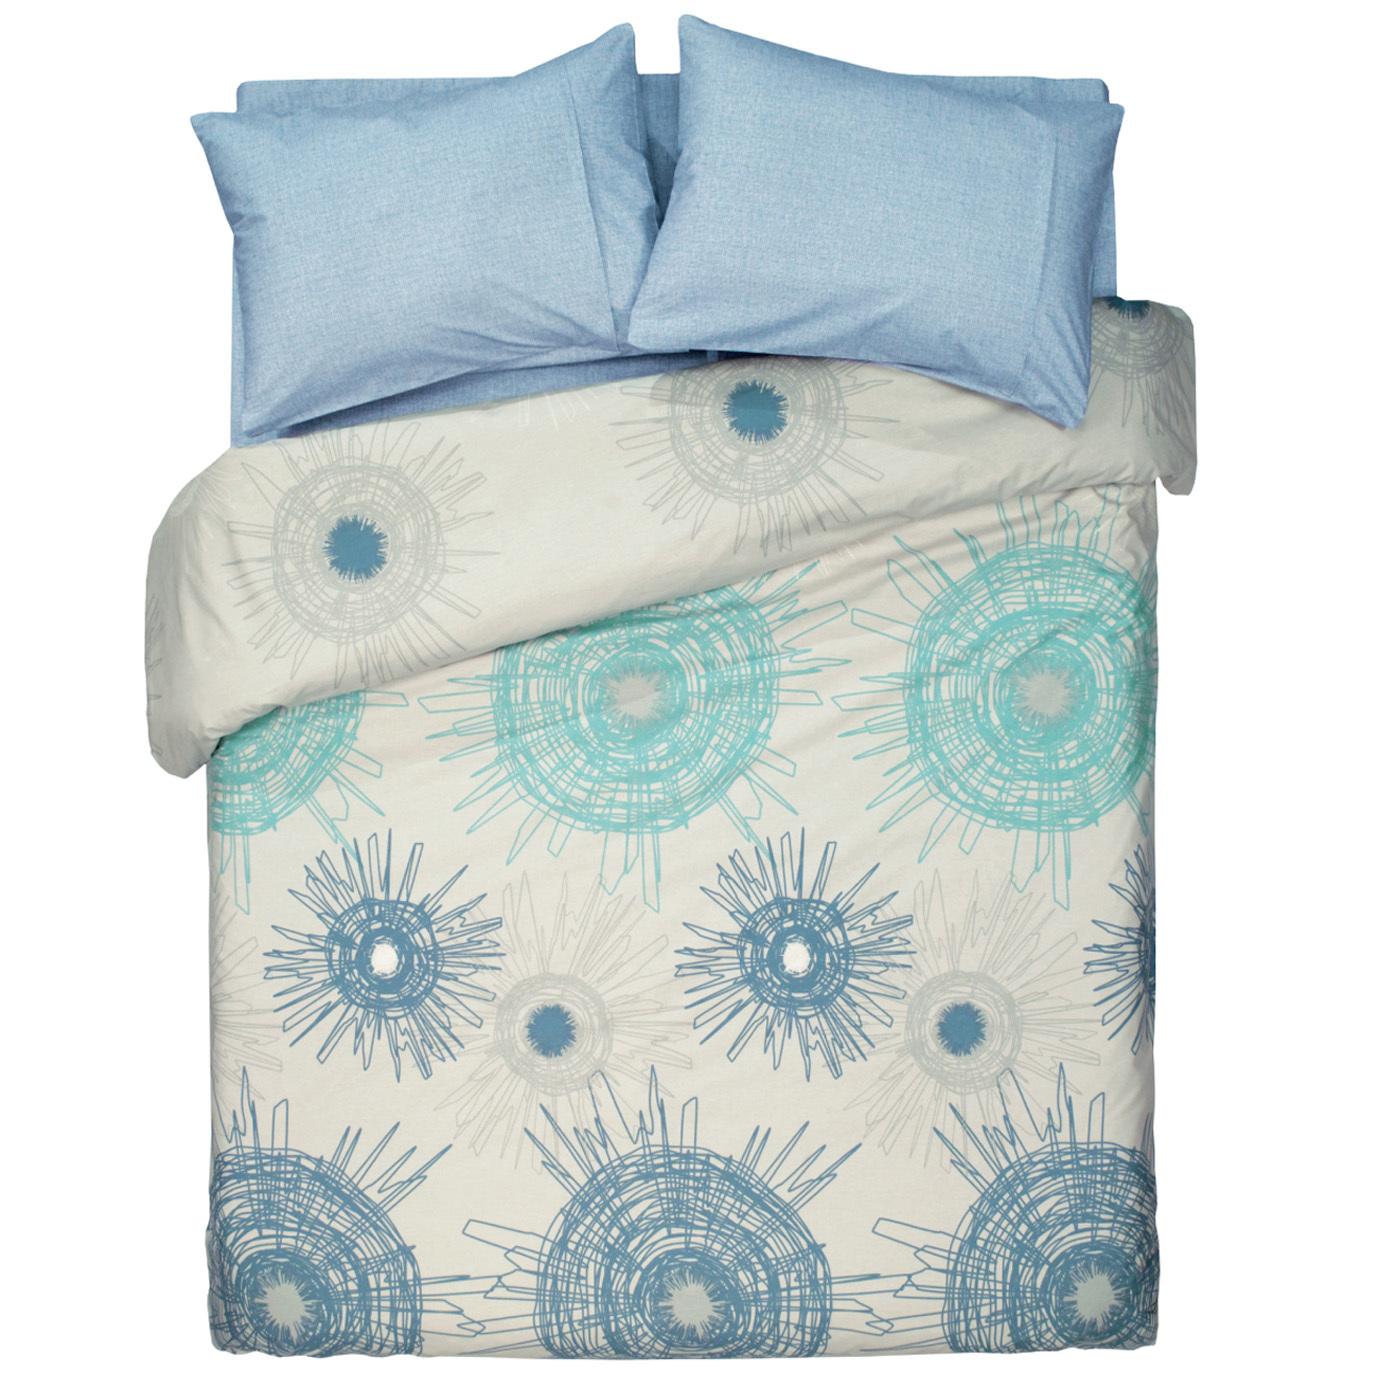 Купить Комплект постельного белья Atomic Blue Family, inmyroom, Турция